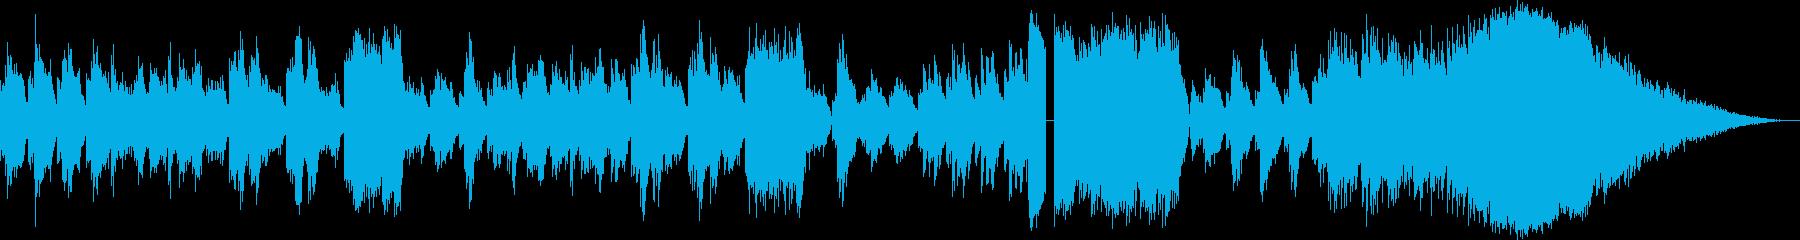 キラキラとした旋律のピアノソロBGMの再生済みの波形